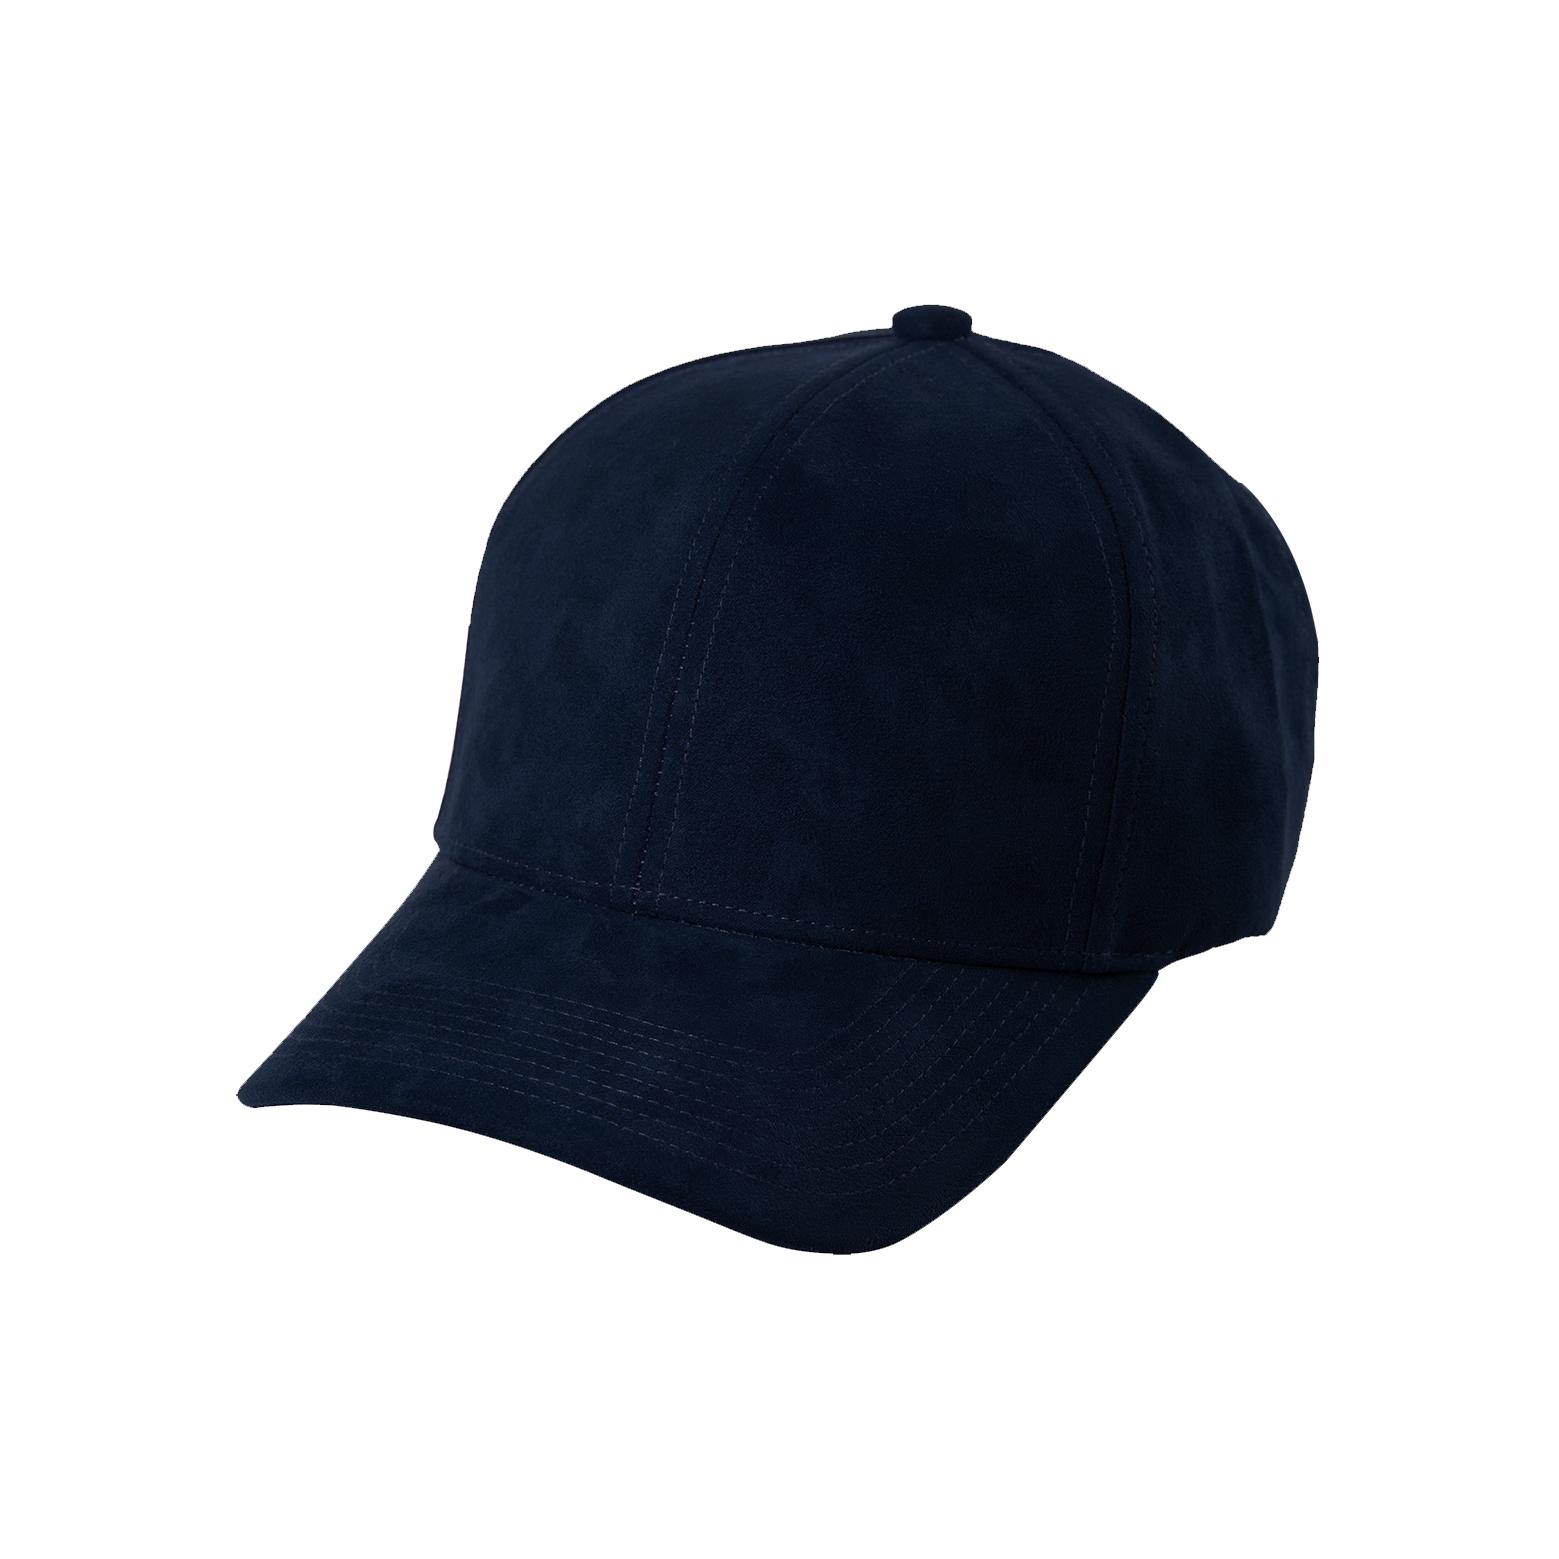 DSLINE BASEBALL CAP NAVY BLUE SUEDE   GOLD - DSLINE BASICS 1216d2413be